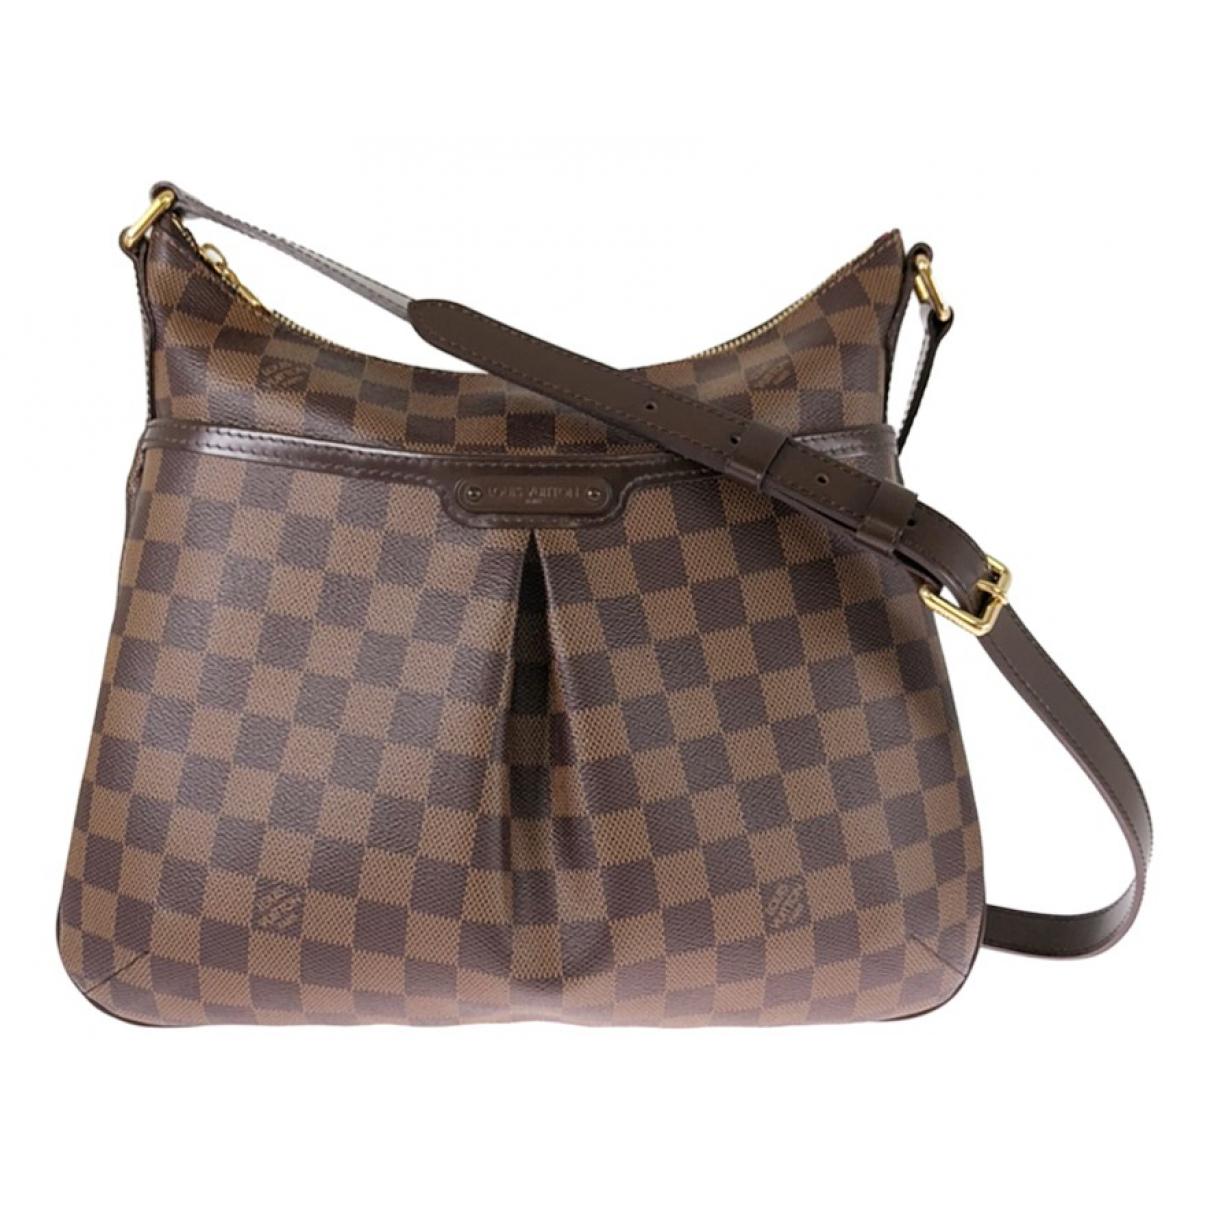 Louis Vuitton Bloomsbury Handtasche in  Braun Leinen